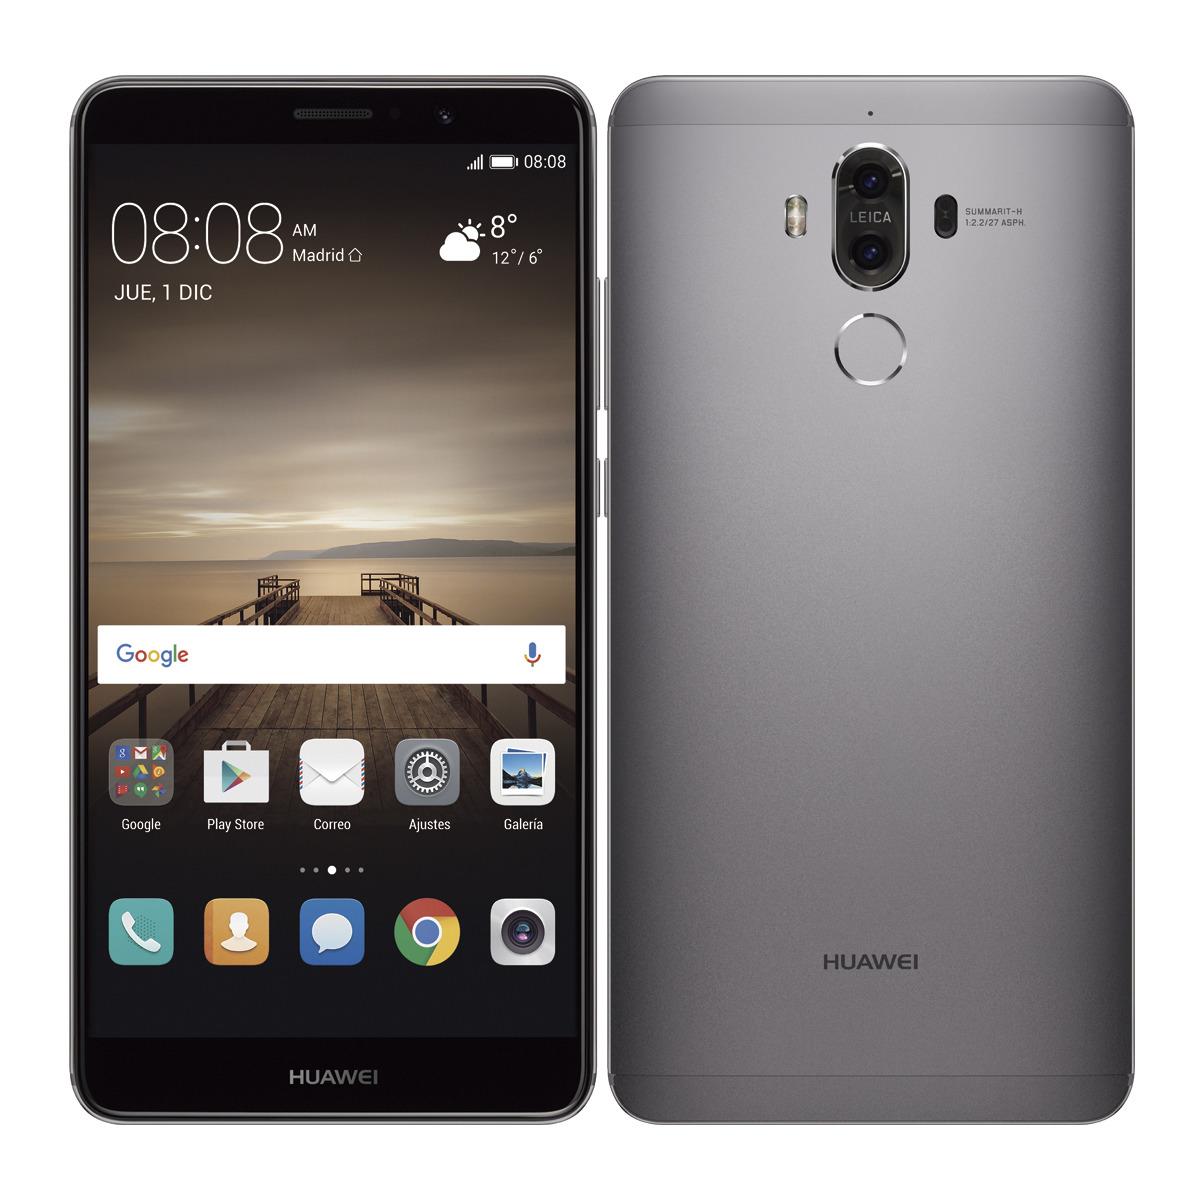 Come eseguire il root di qualsiasi cellulare Huawei facilmente 1